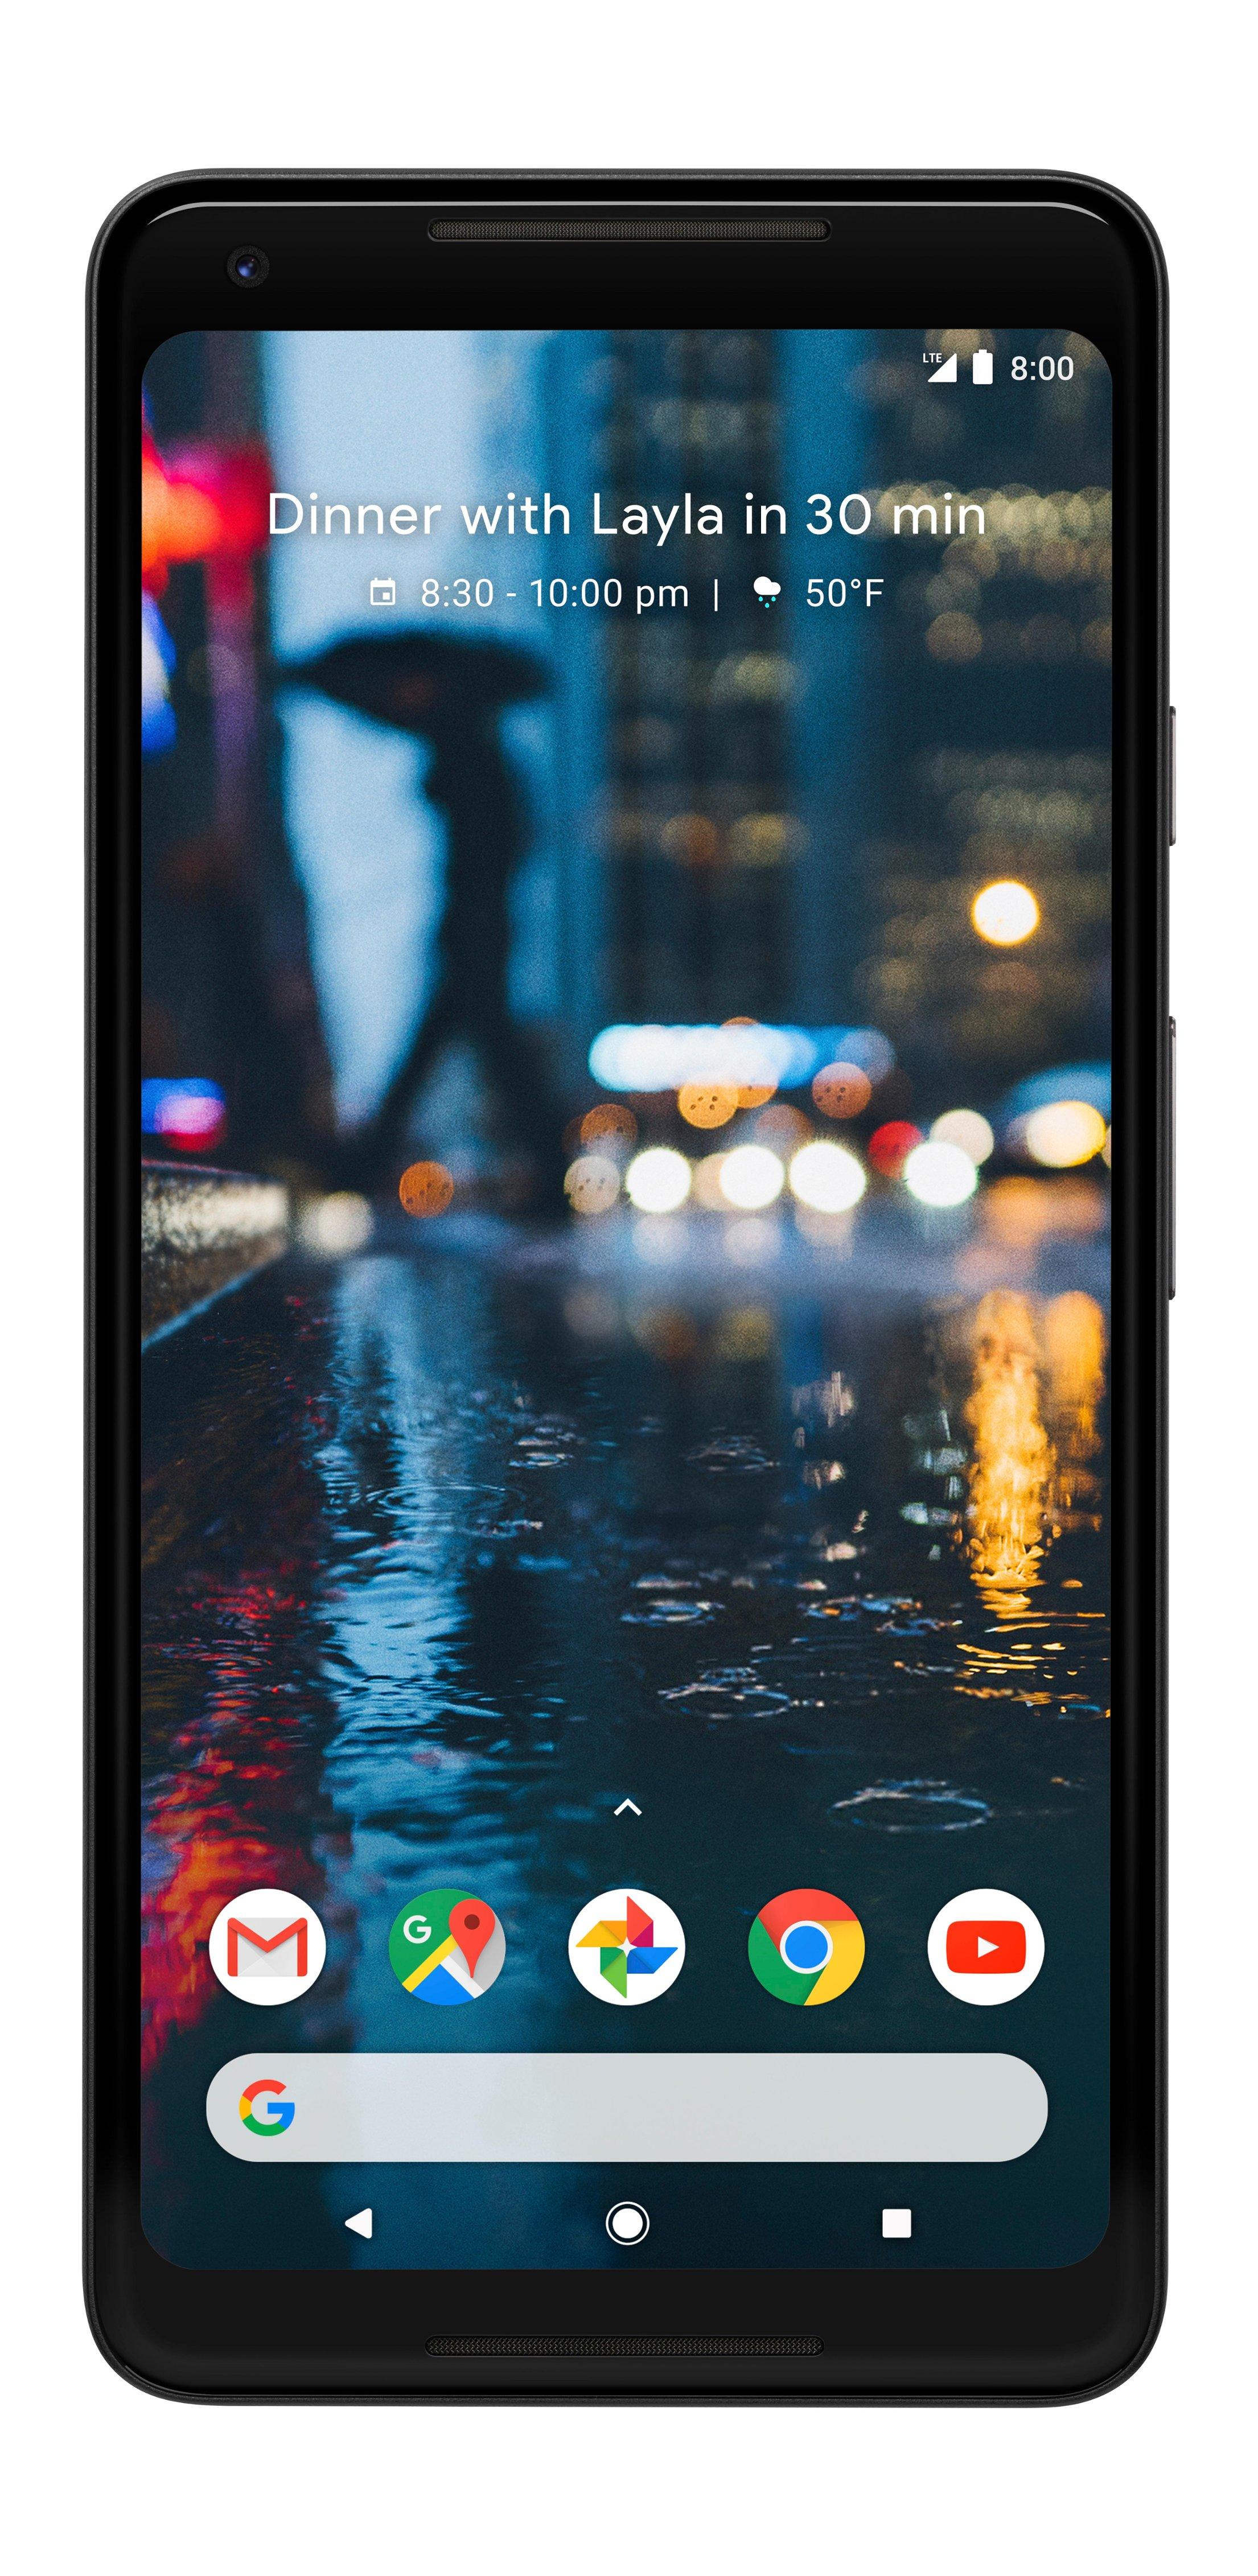 Google - Pixel 2 XL 64GB - Just Black (Verizon) $399